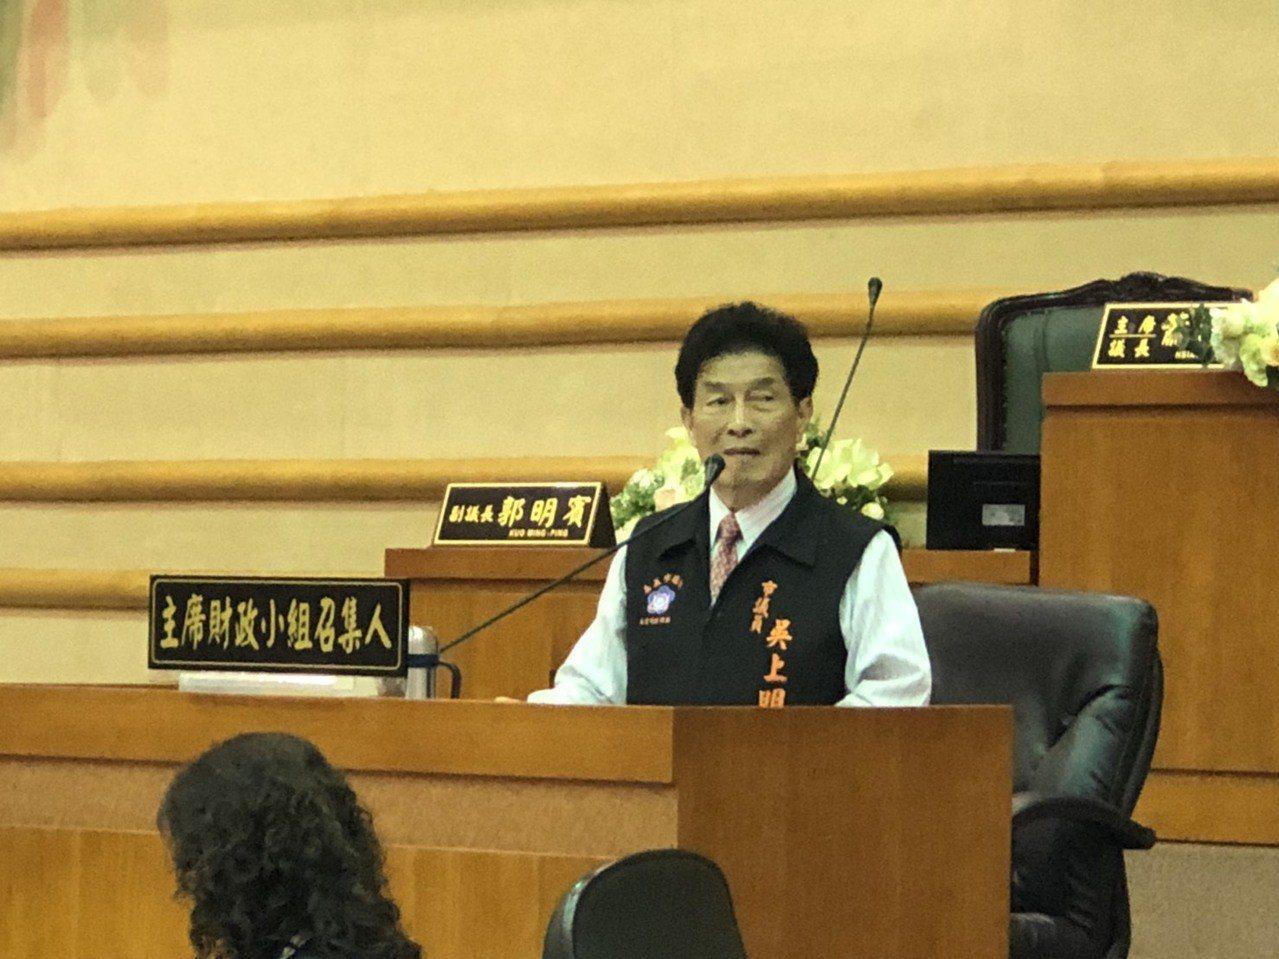 嘉義市議會今天上午9點30分開臨時會,資深議員吳上明擔任財政小組召集人,由於已有...